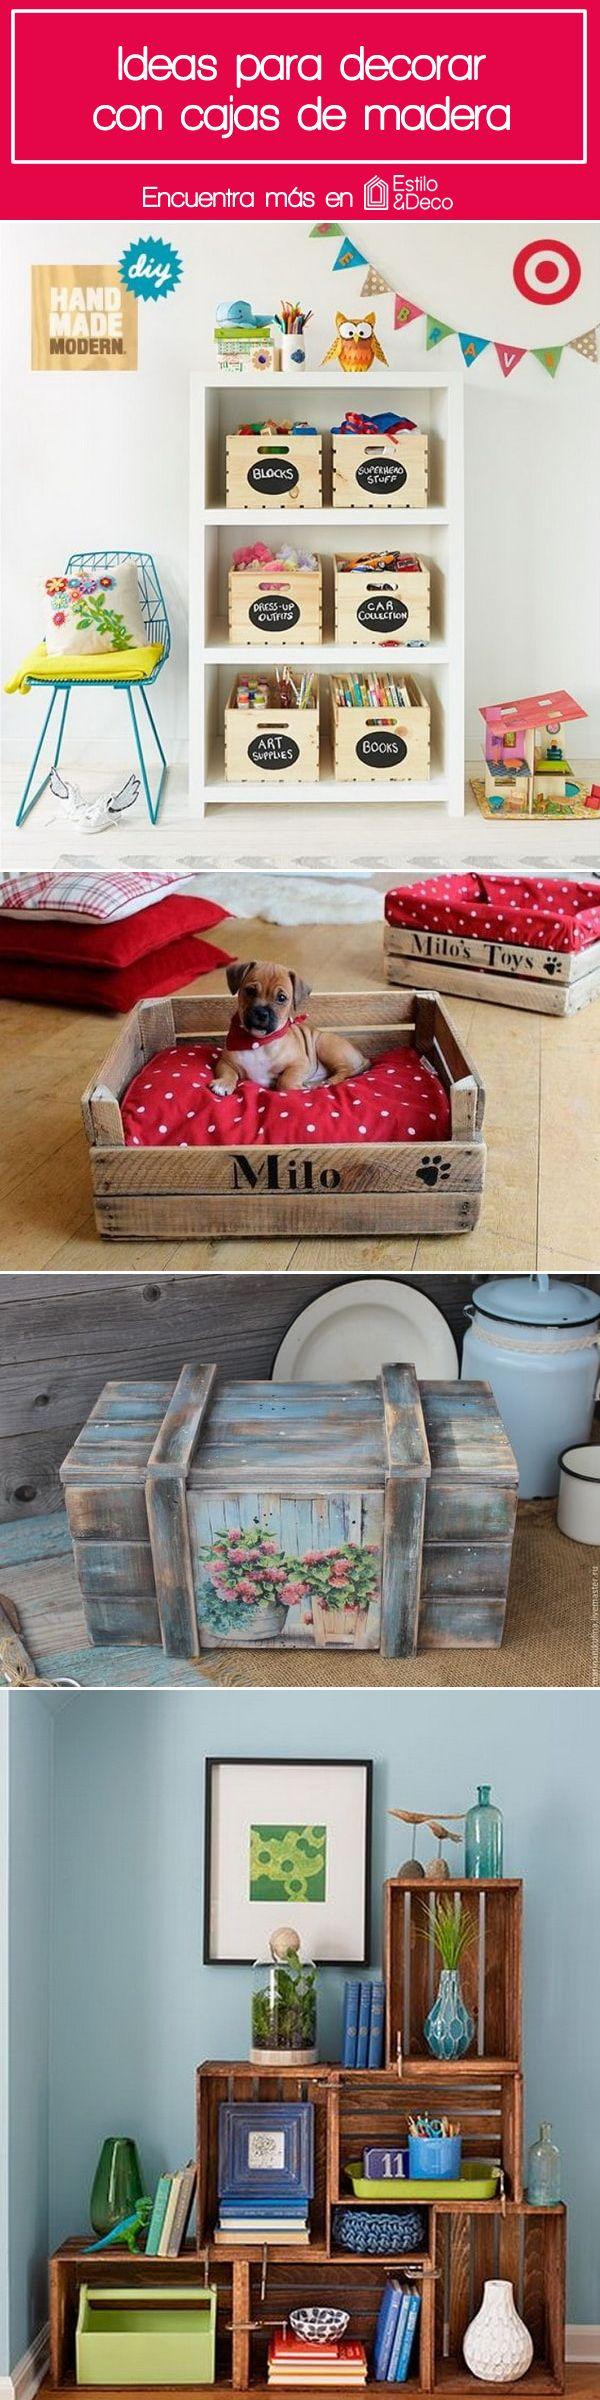 Ideas para decorar con cajas de madera. Decoración con cajas de madera. Huacales de madera reciclados.